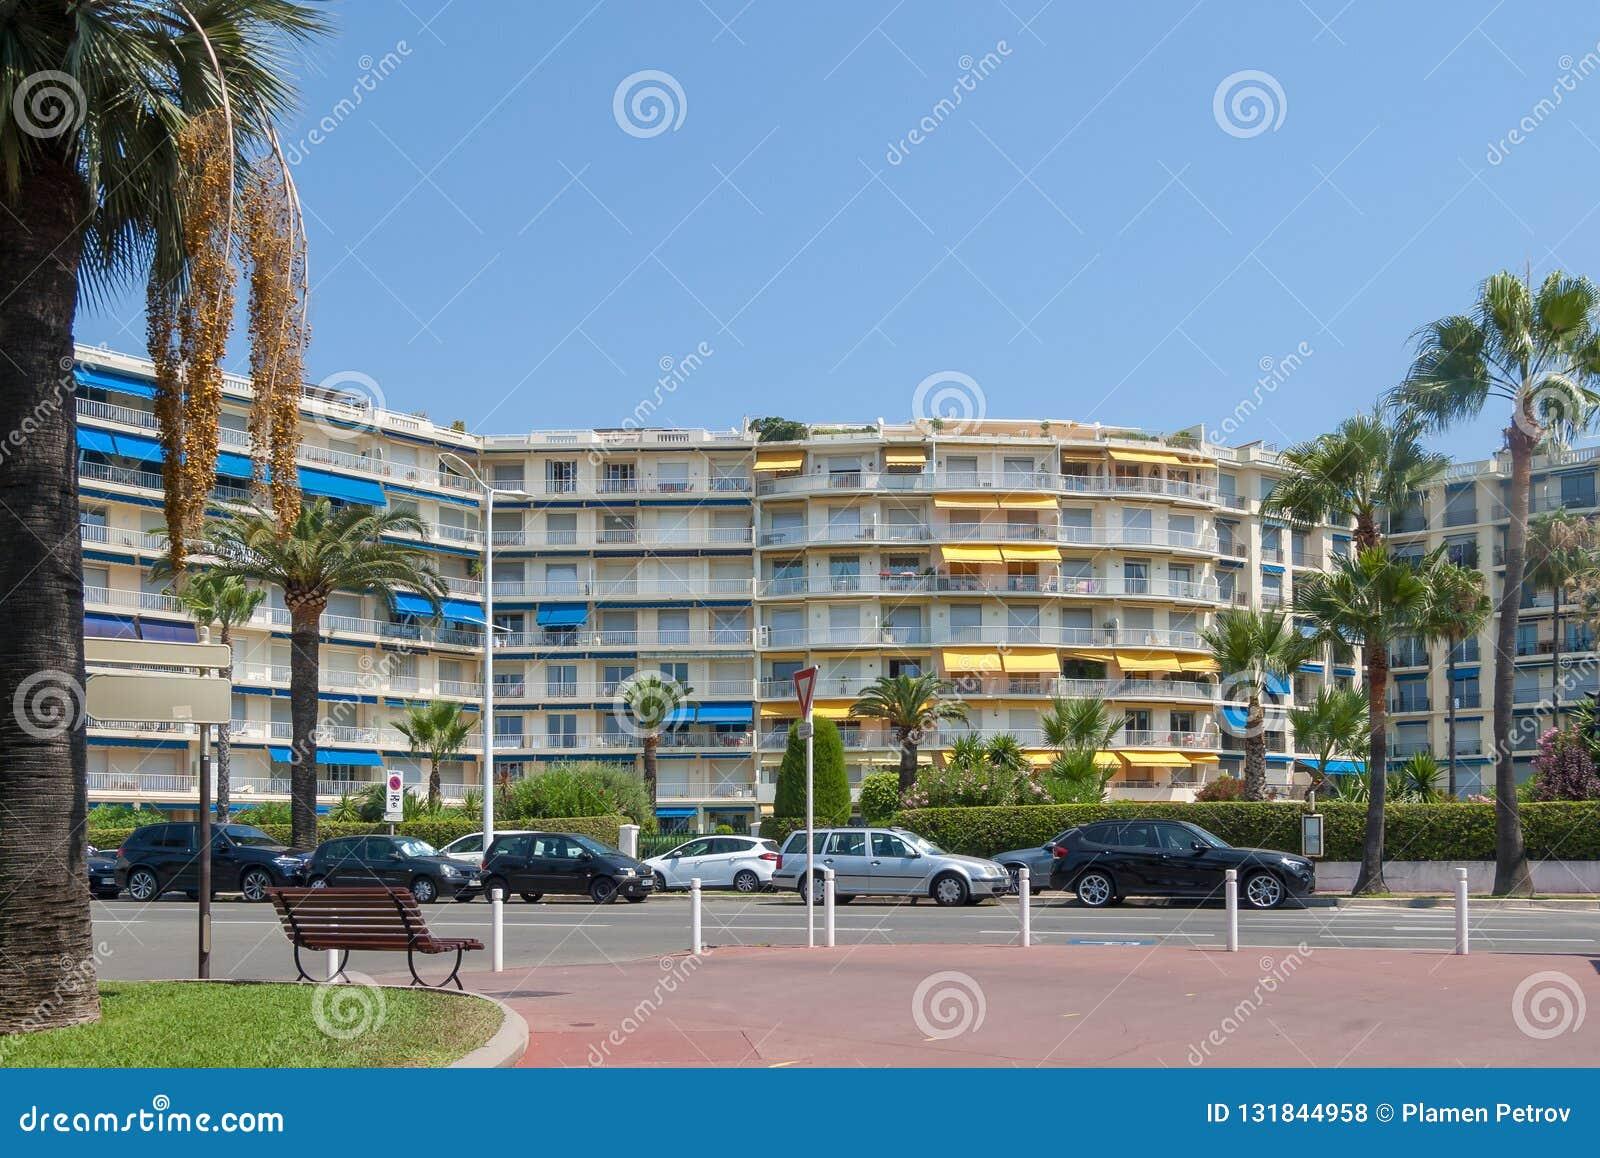 Wohngebäude mit Palmen, Cannes, Frankreich